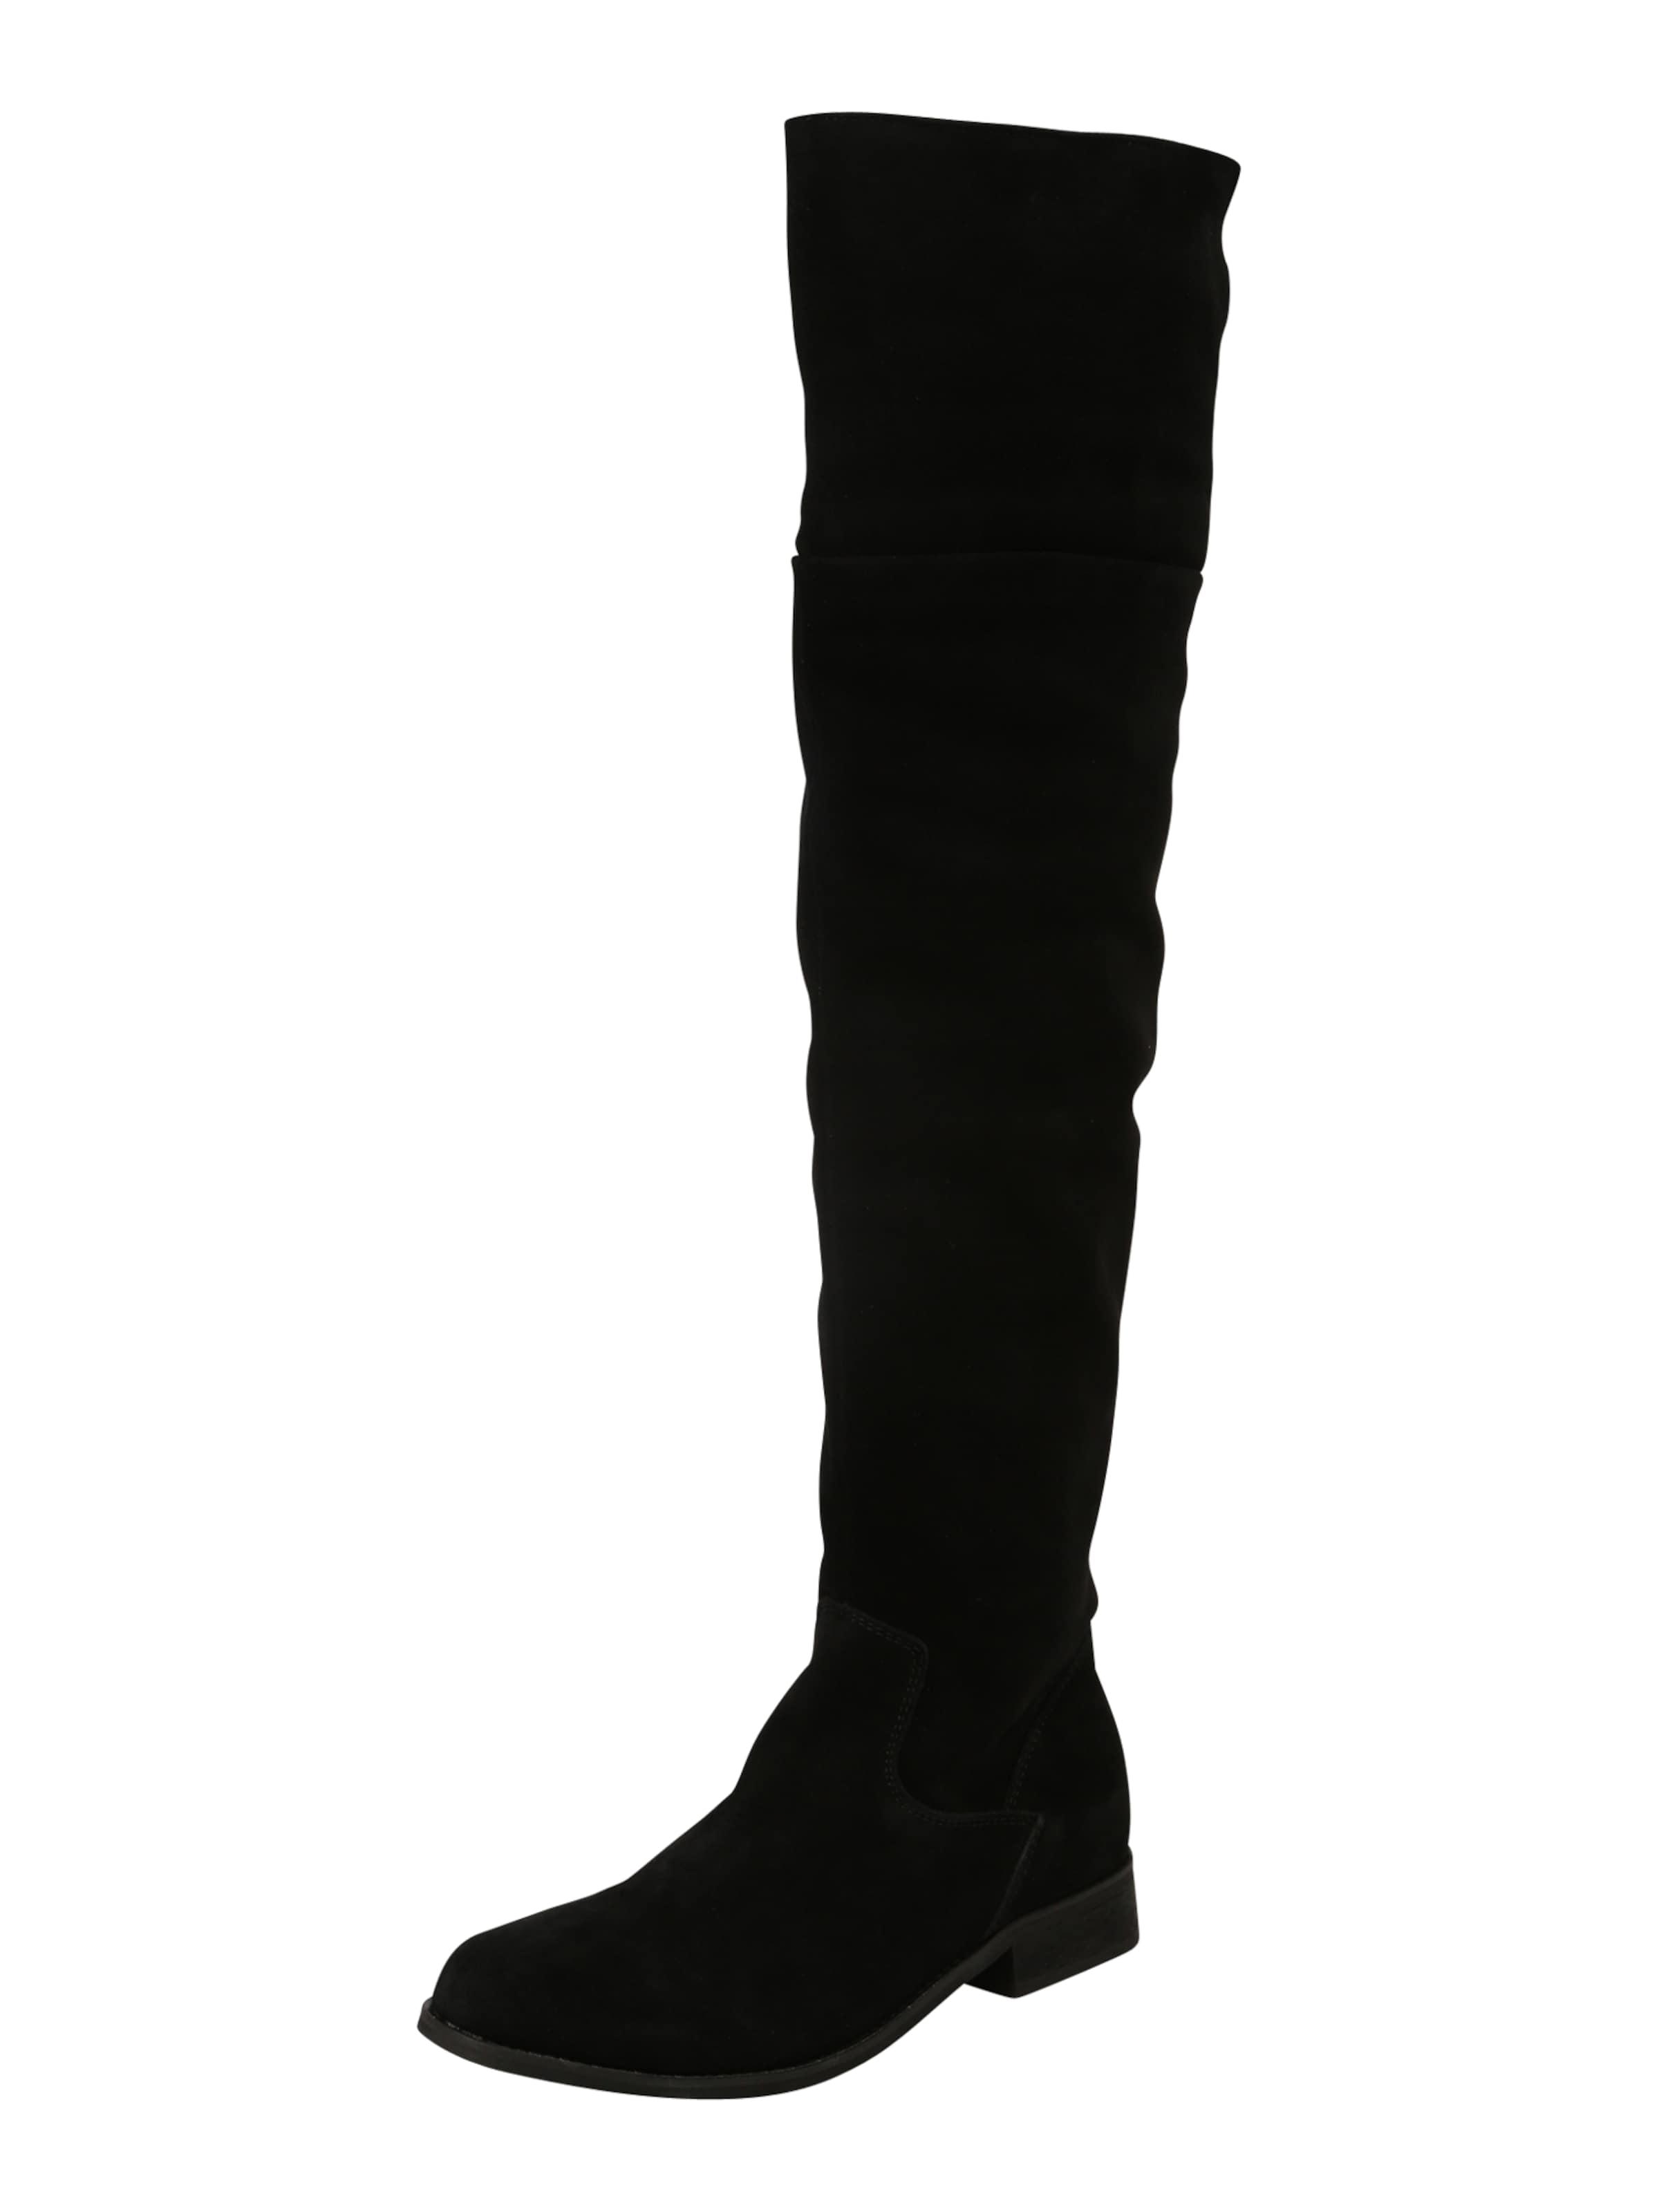 Zign Stiefel Verschleißfeste billige Schuhe Hohe Qualität